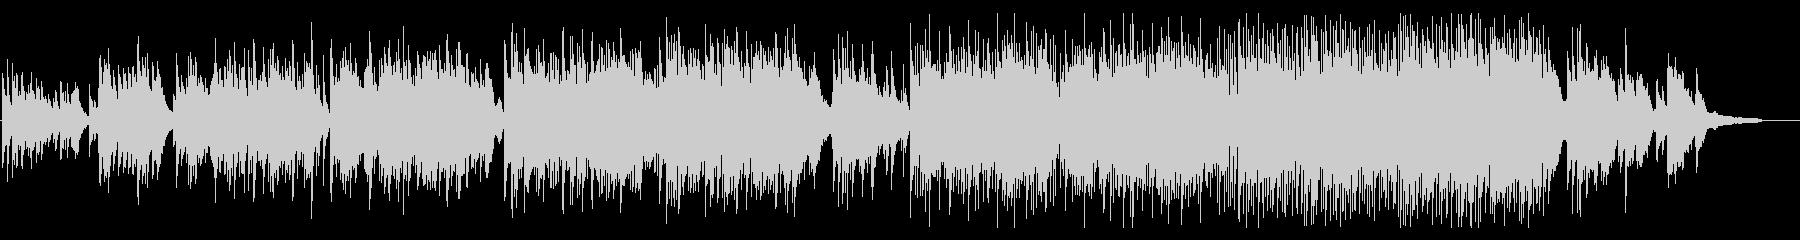 感動的なピアノ曲 結婚式手紙シーンなどにの未再生の波形